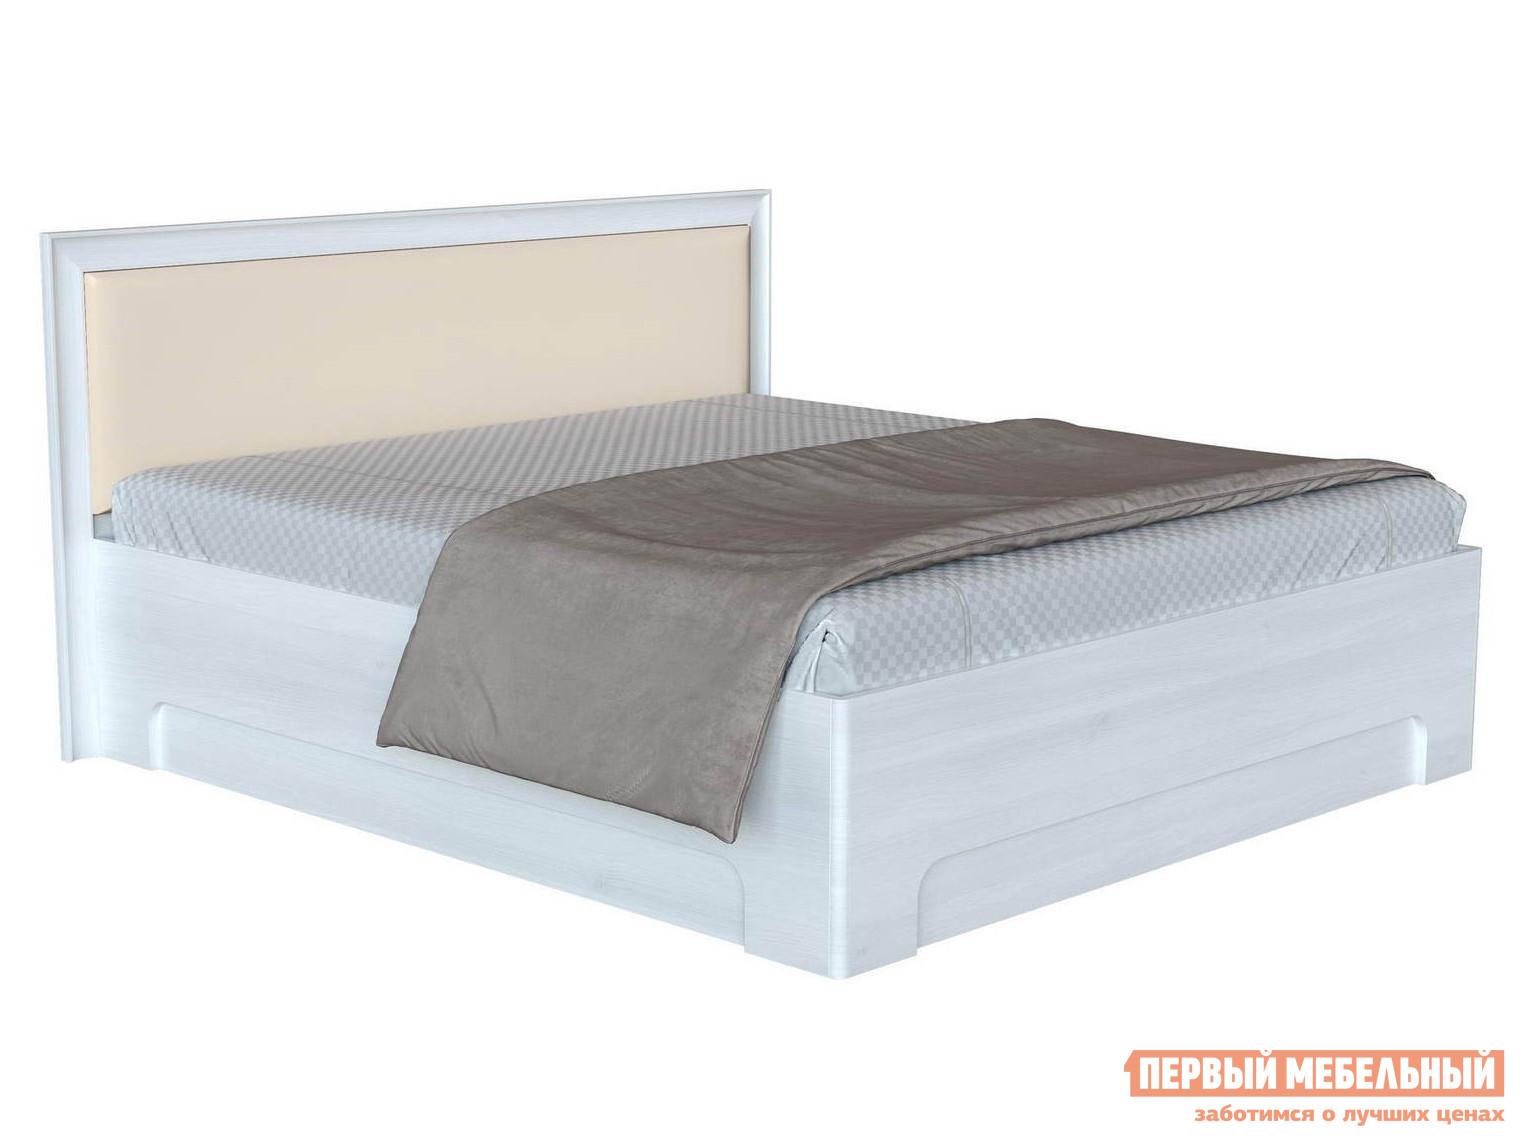 Полутороспальная кровать Первый Мебельный Прато 1-1,5 ПМ напольное зеркало первый мебельный прато вз